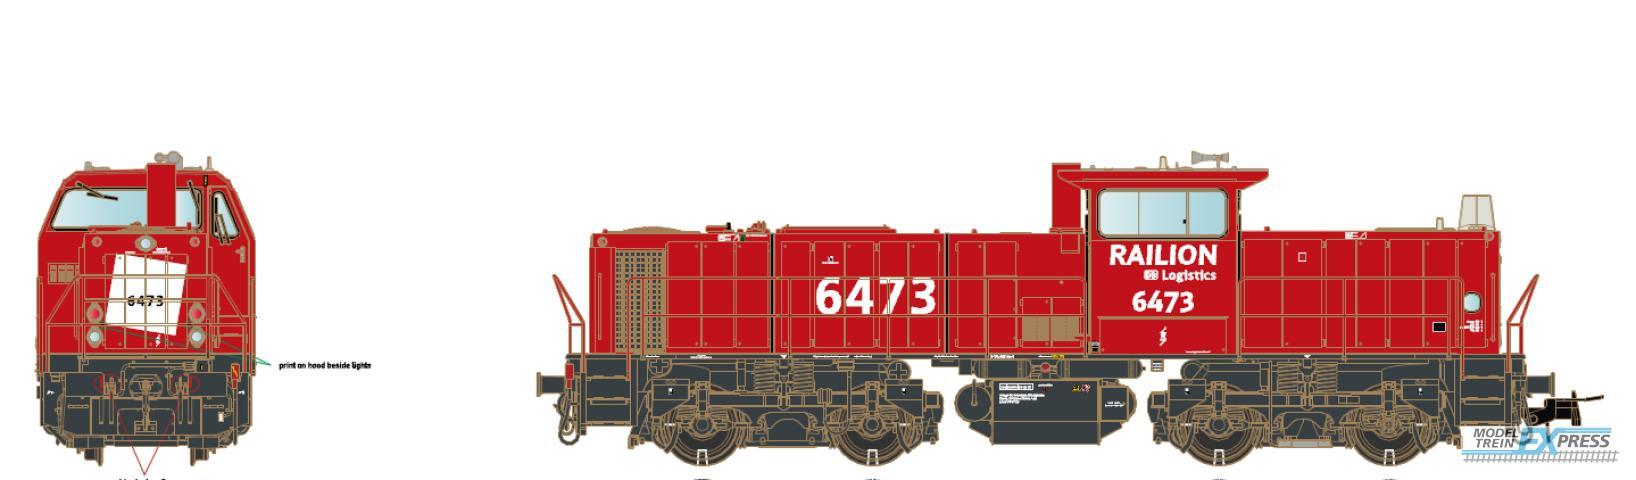 Rocky-Rail 64731